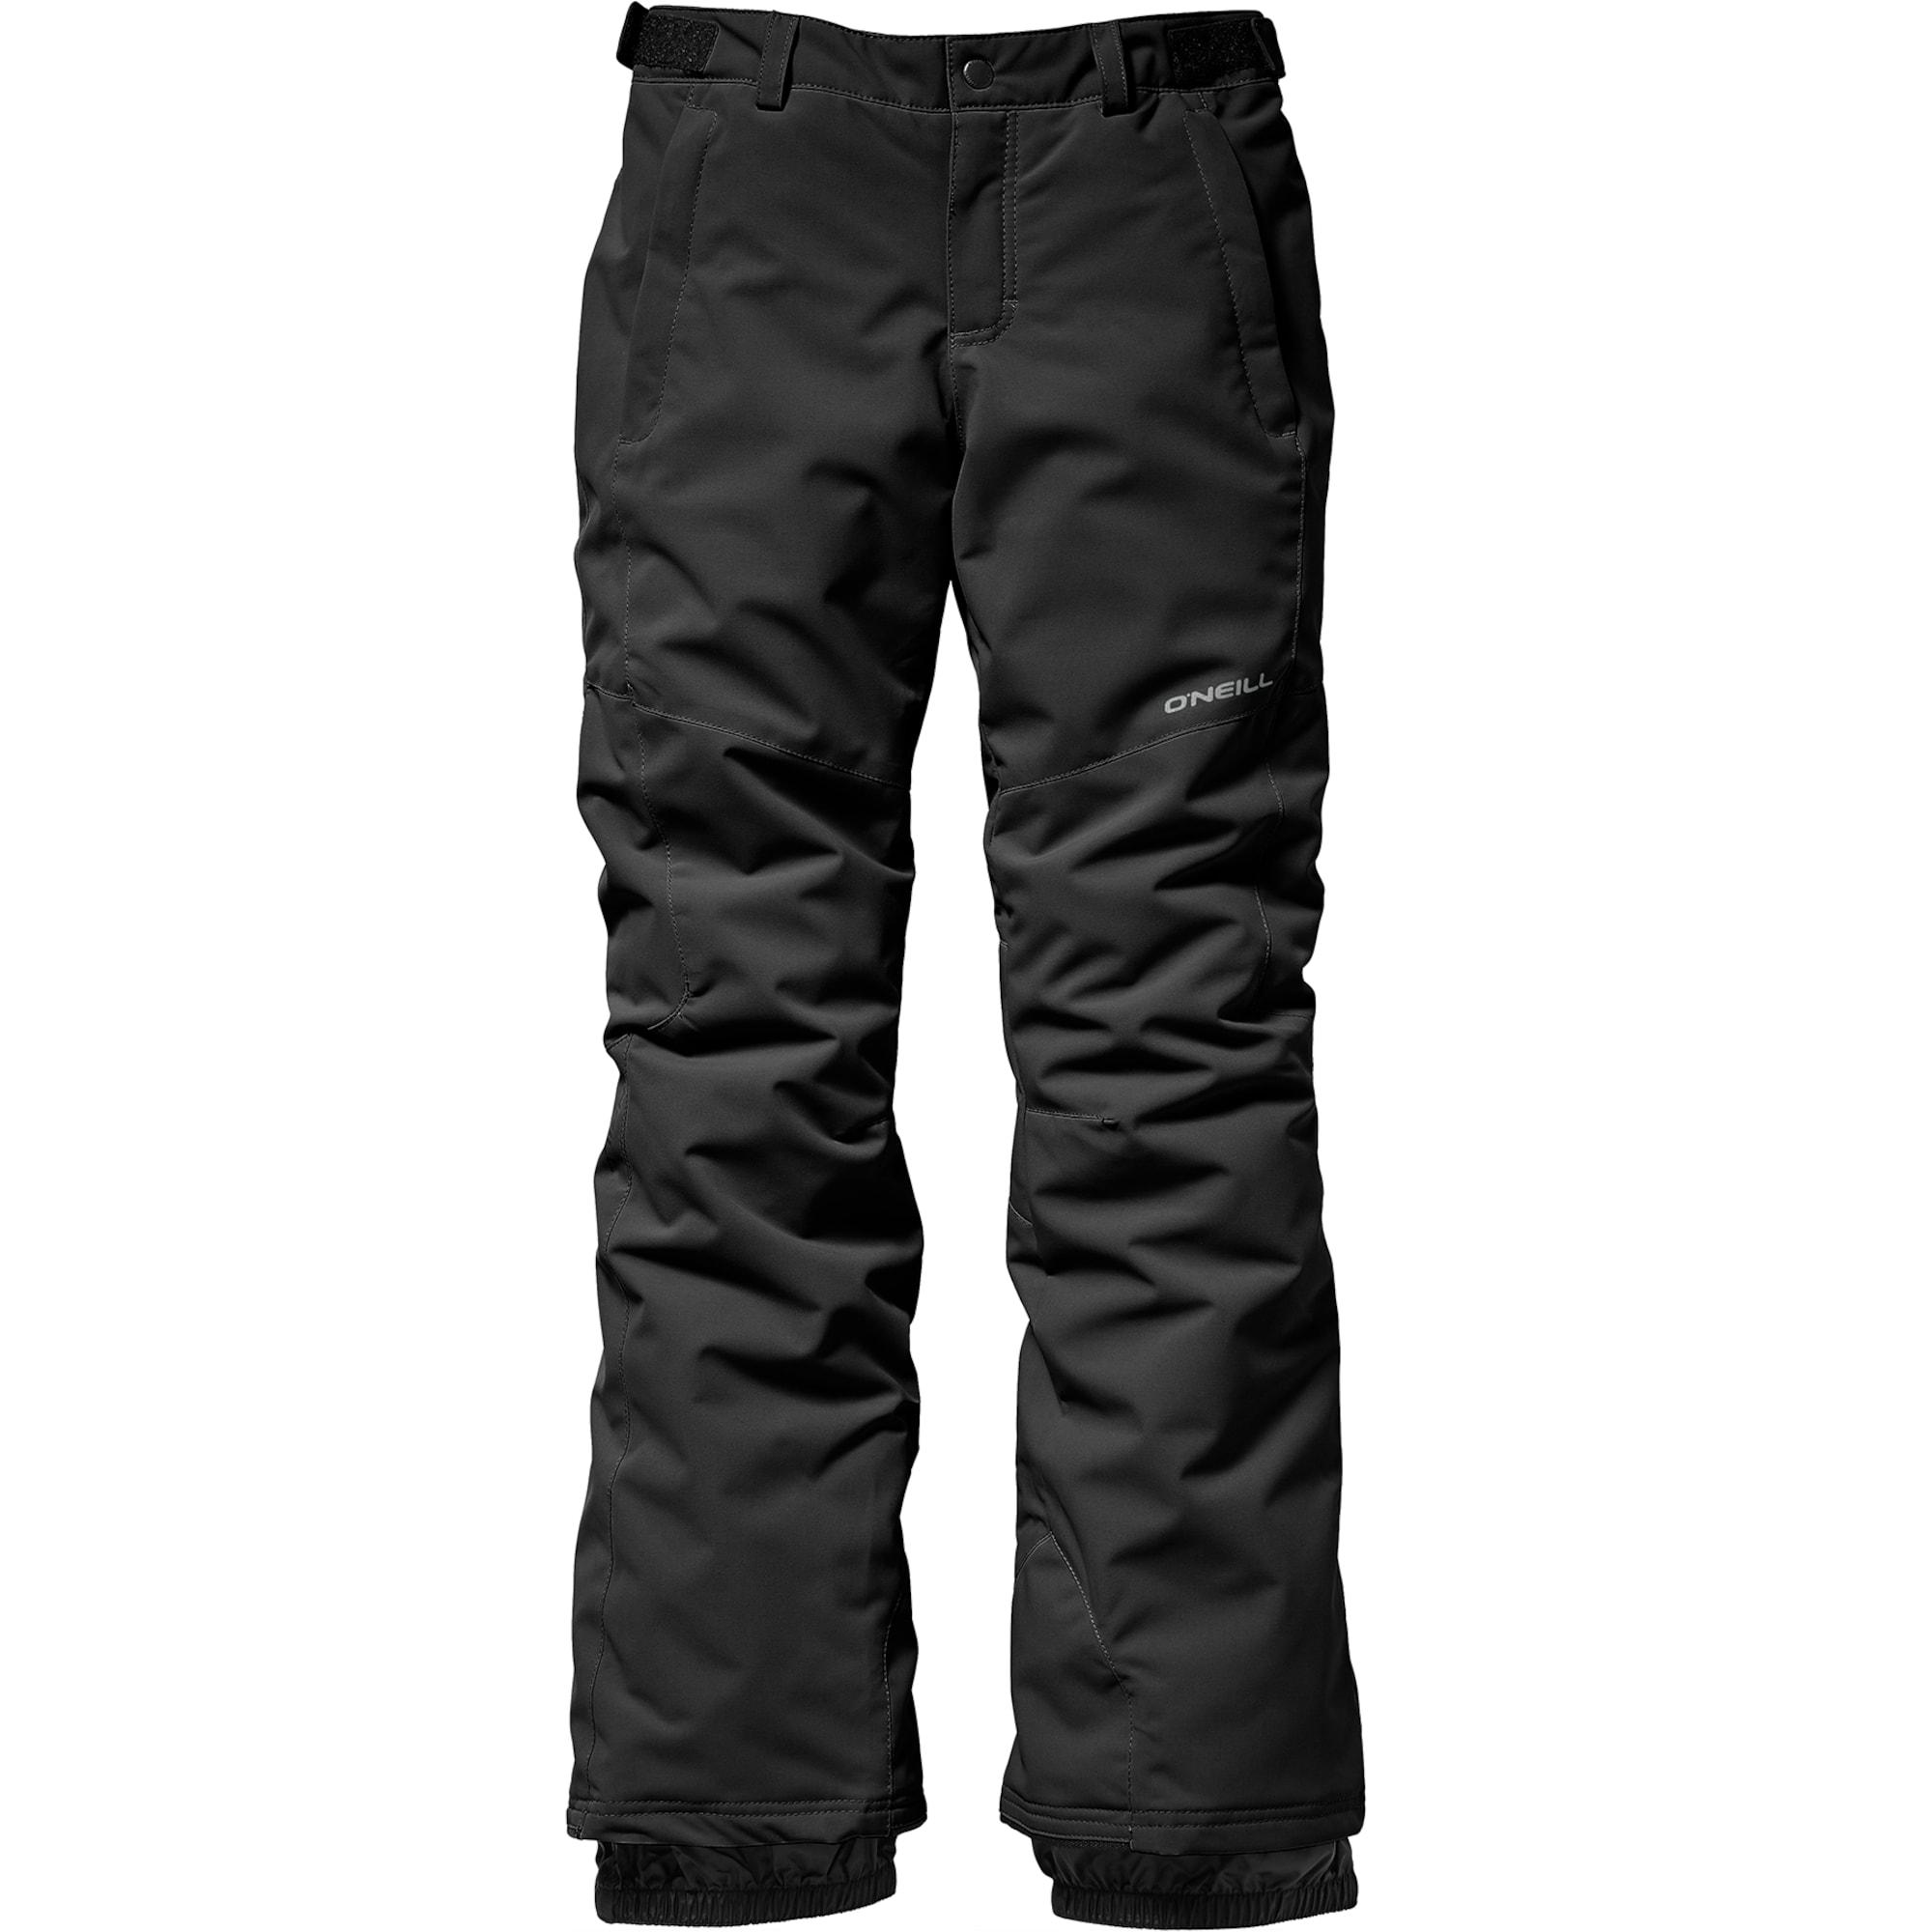 ONEILL Outdoorové kalhoty PG CHARM PANTS černá O'NEILL